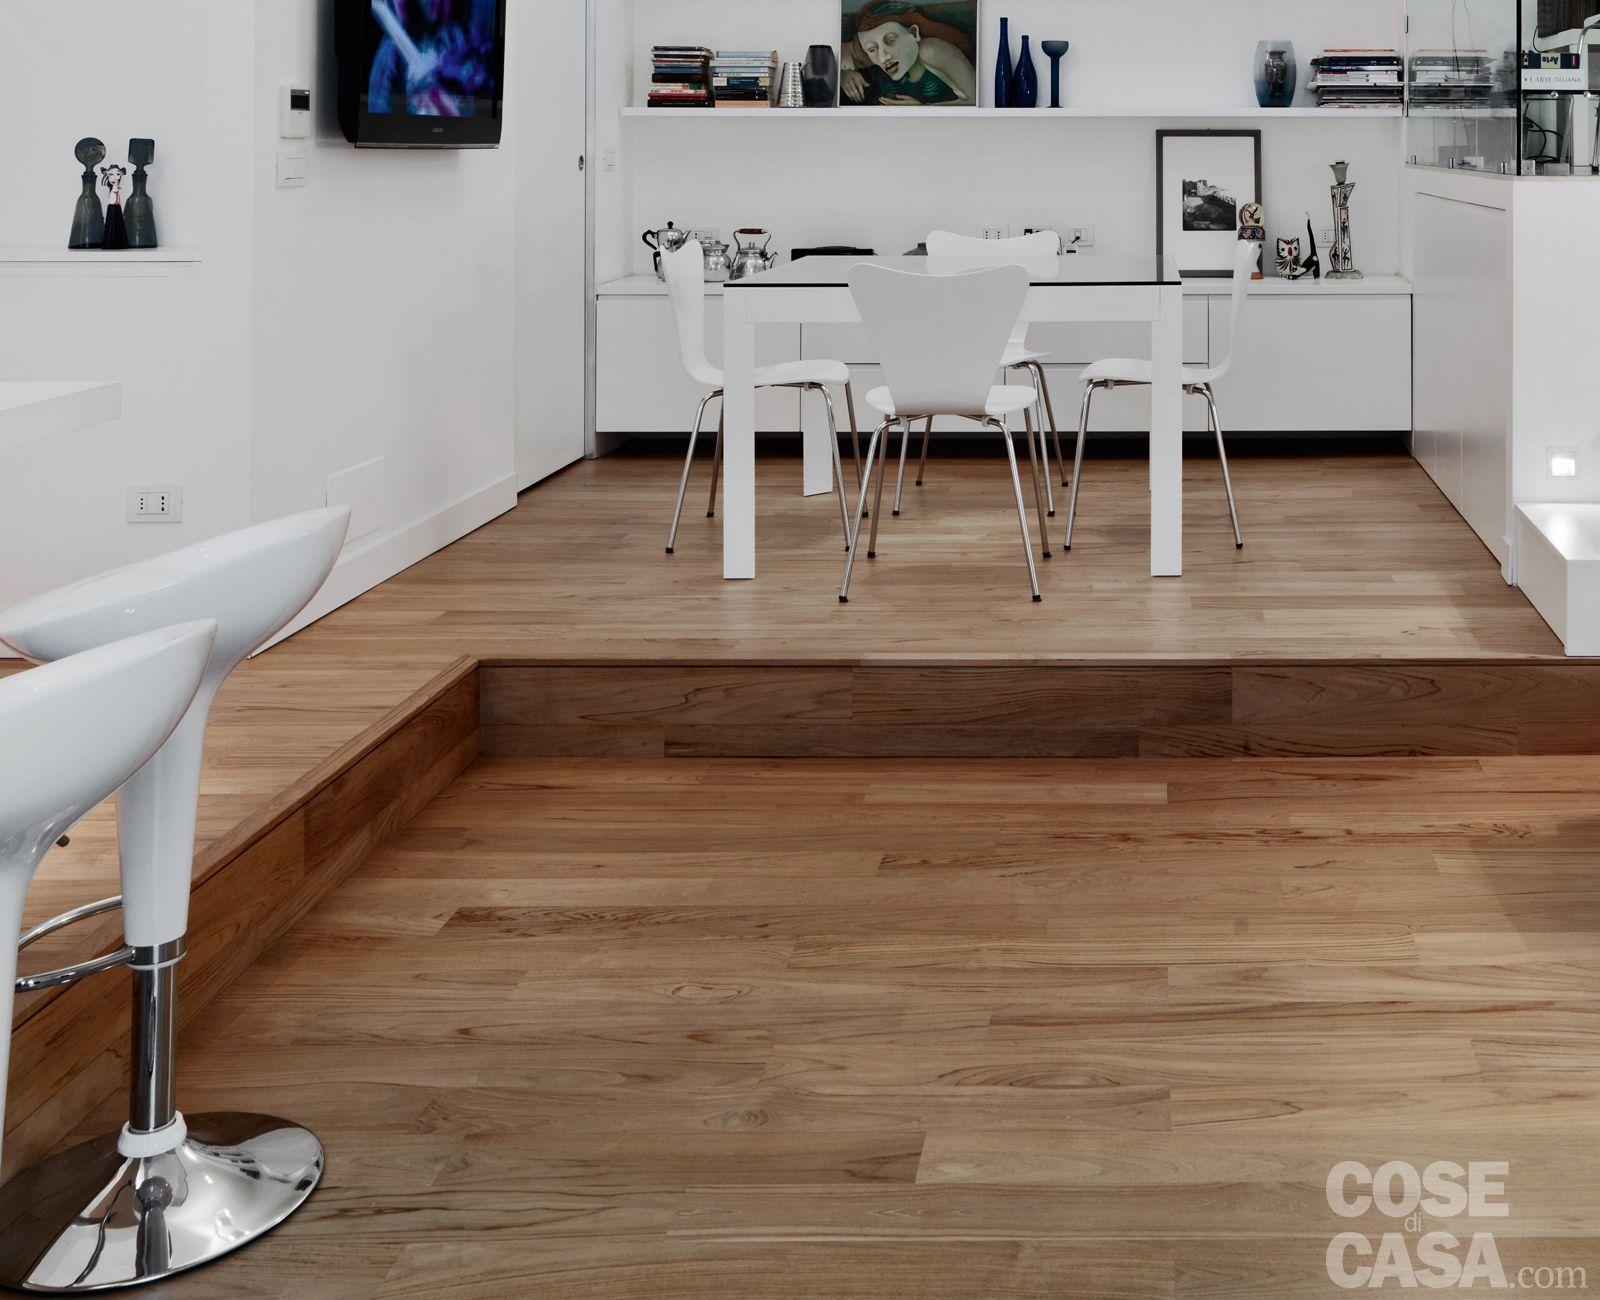 58 mq: una casa sviluppata su più livelli | Case ...